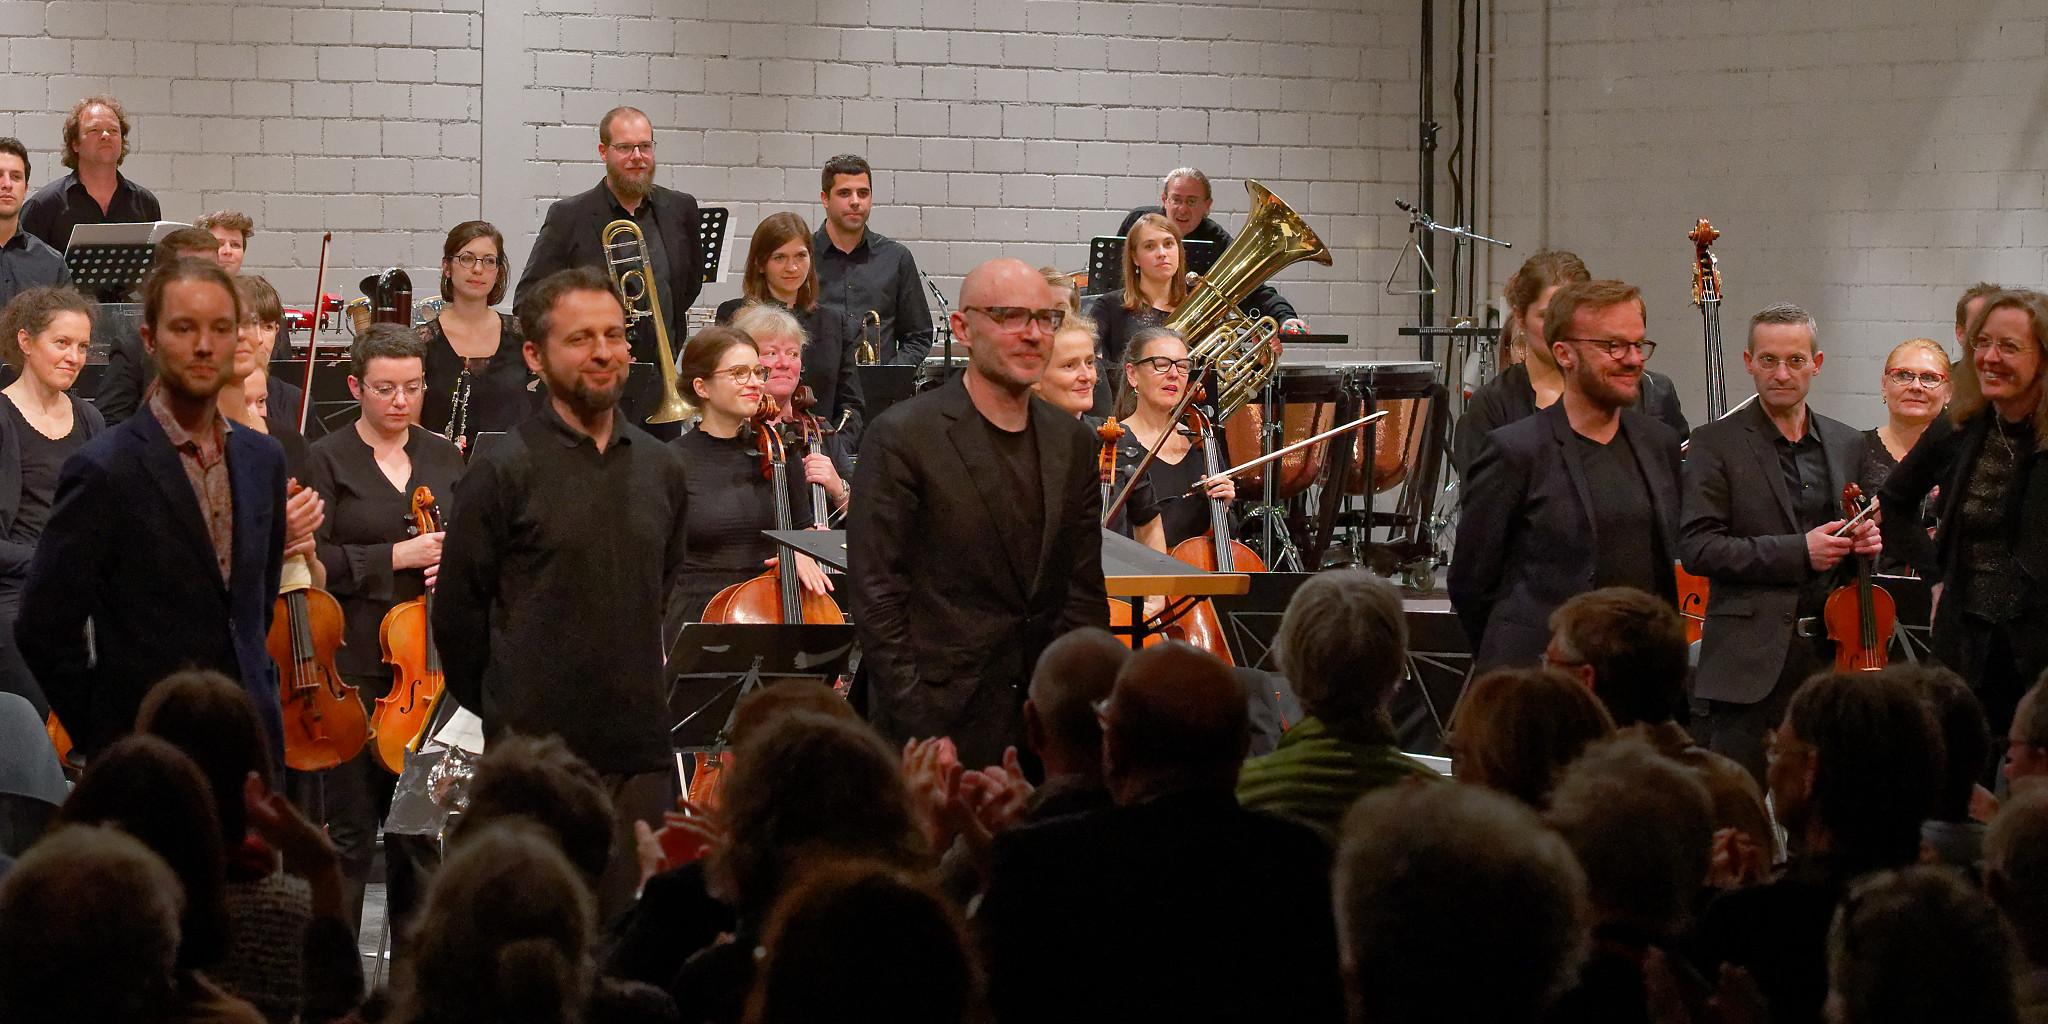 Basel Sinfonietta @ Dreispitzhalle Münchenstein, 2019-11-03 (© Rolf Kyburz)